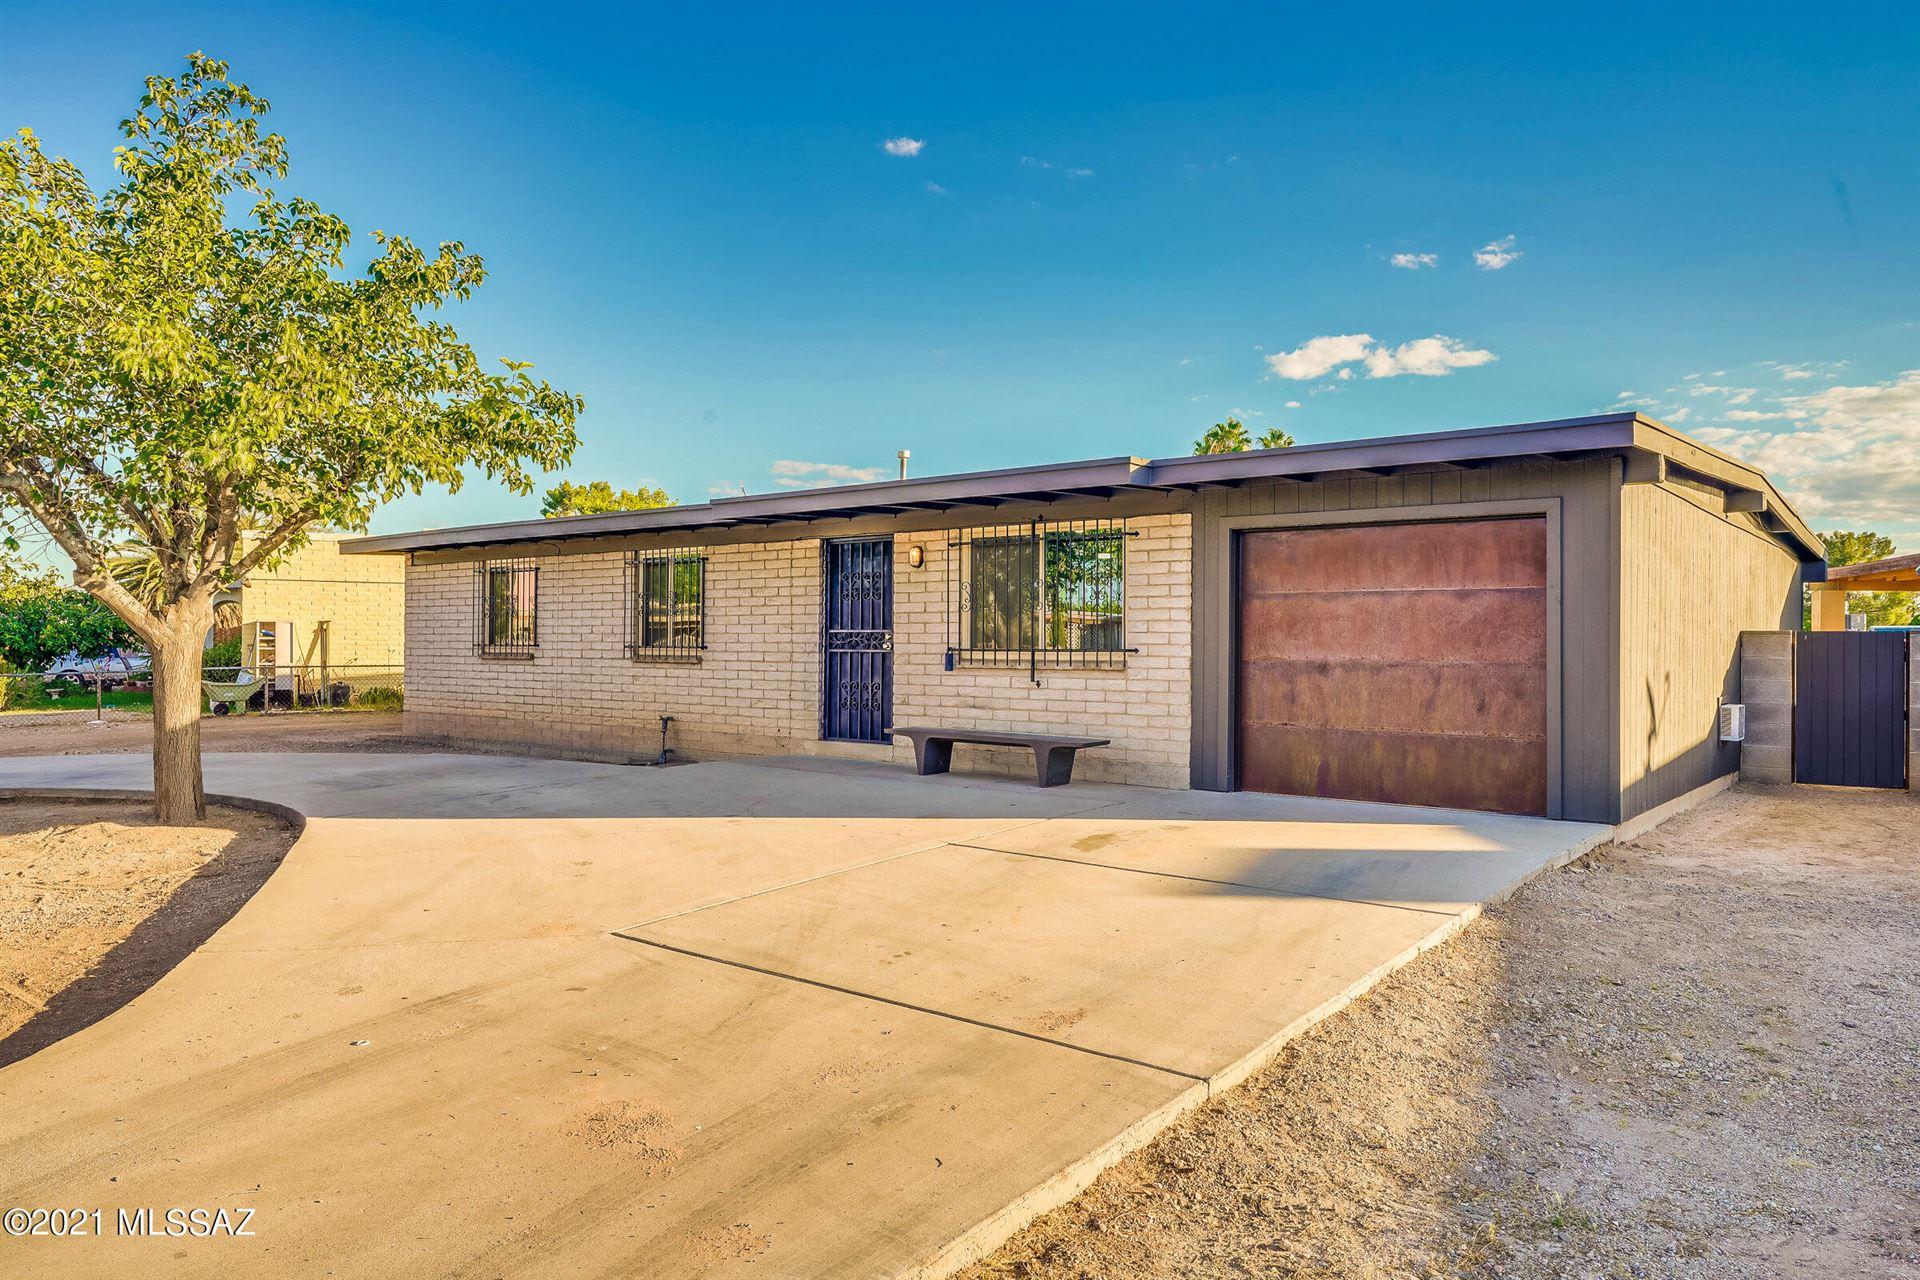 4746 S Camino De La Plaza, Tucson, AZ 85714 - MLS#: 22124593